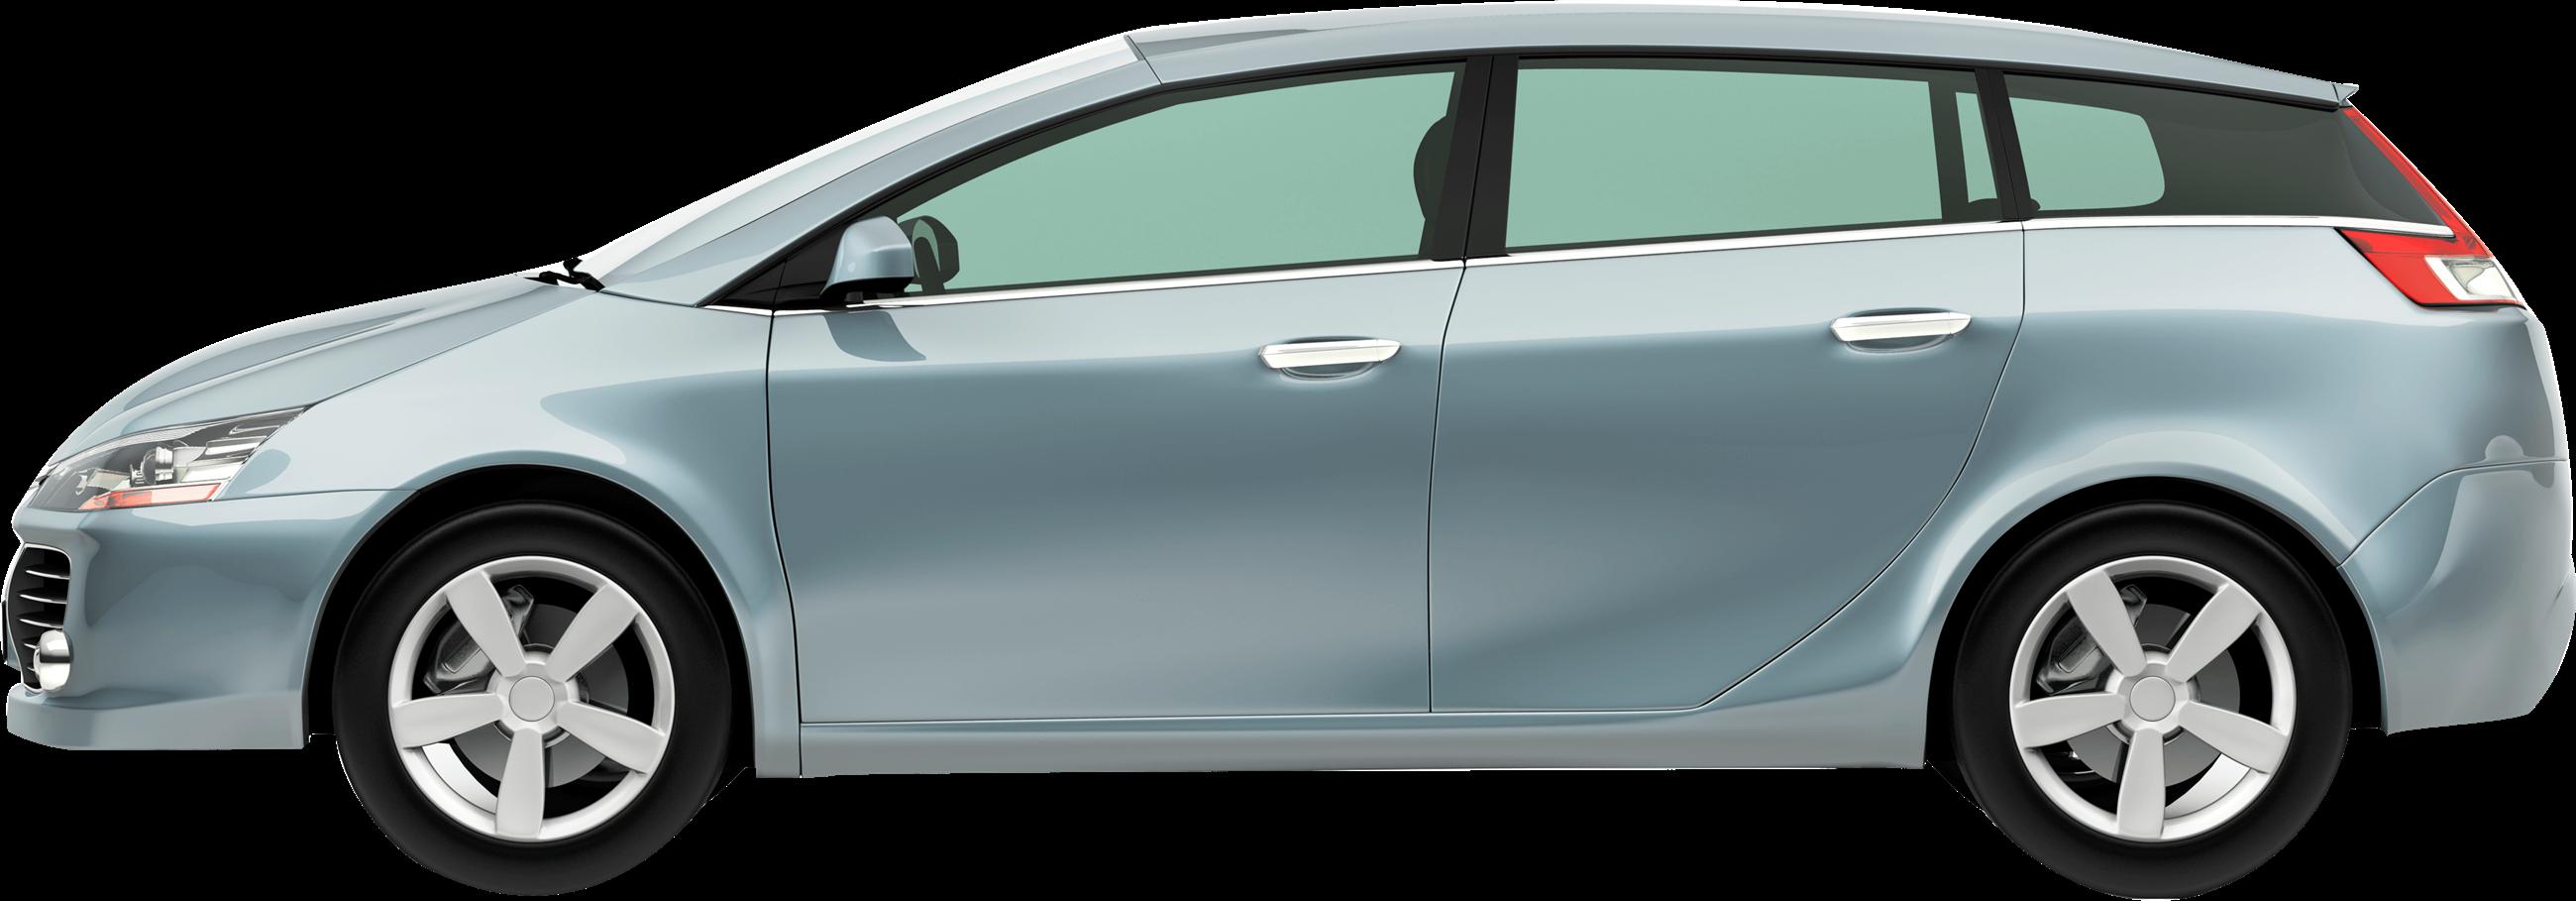 Udlejning og salg af brugte biler i Kolding   Kontakt os